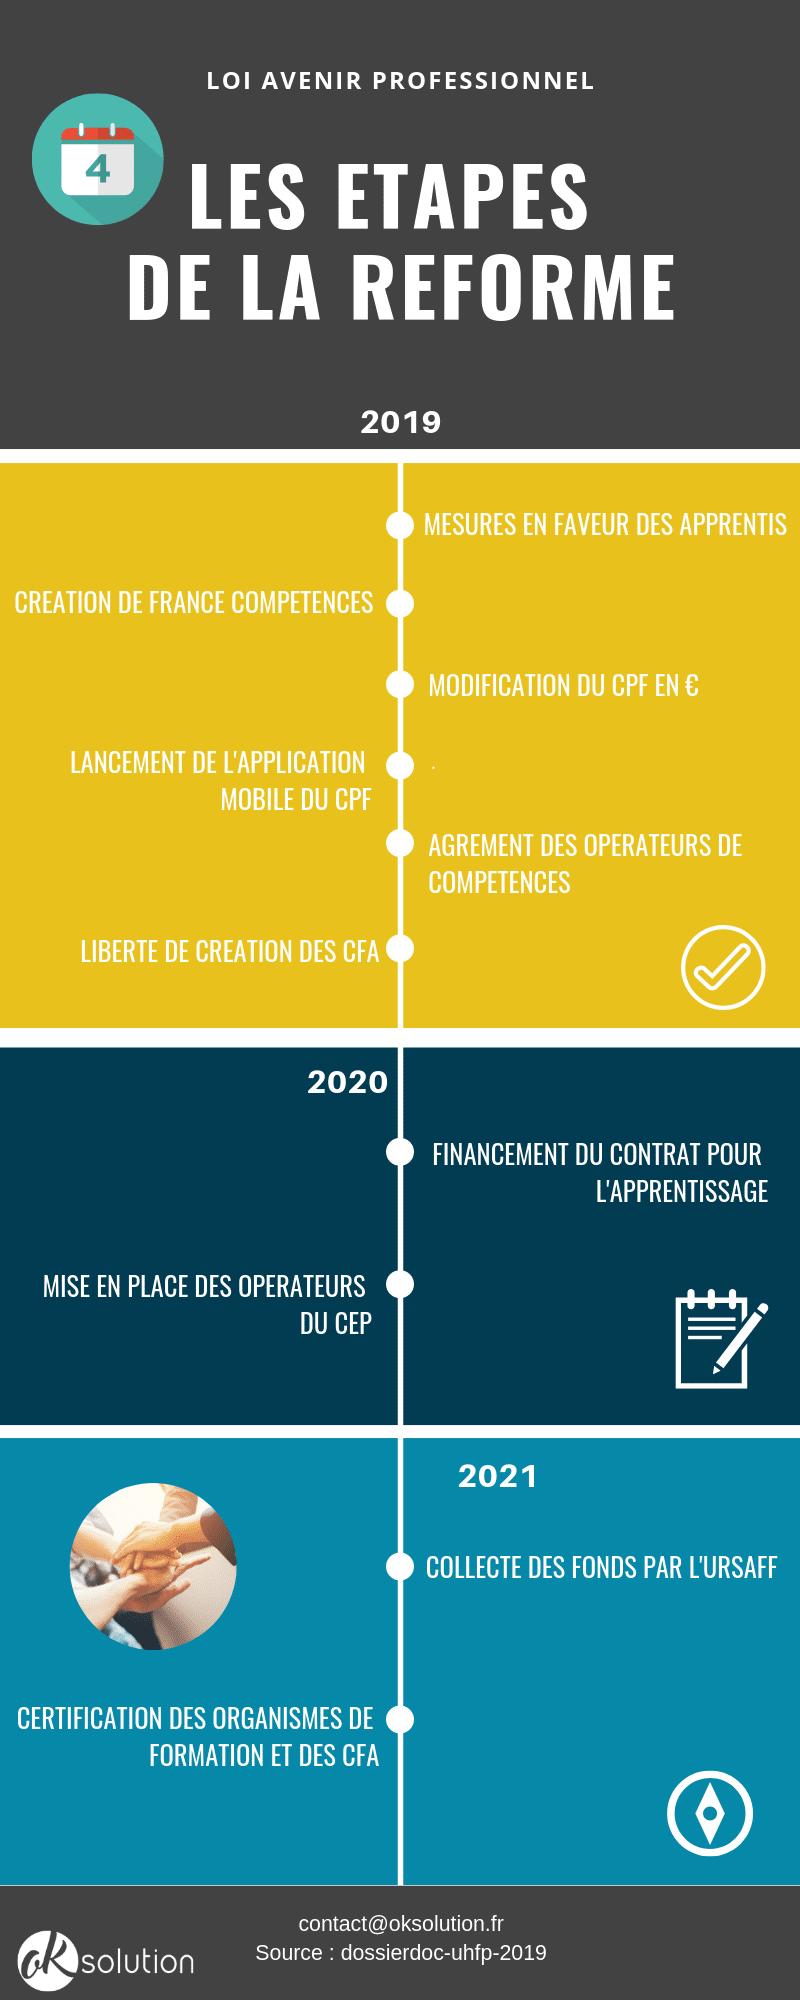 Calendrier Cfa 2020 2019.Reforme Formation Professionnelle 2019 Le Point Sur Les